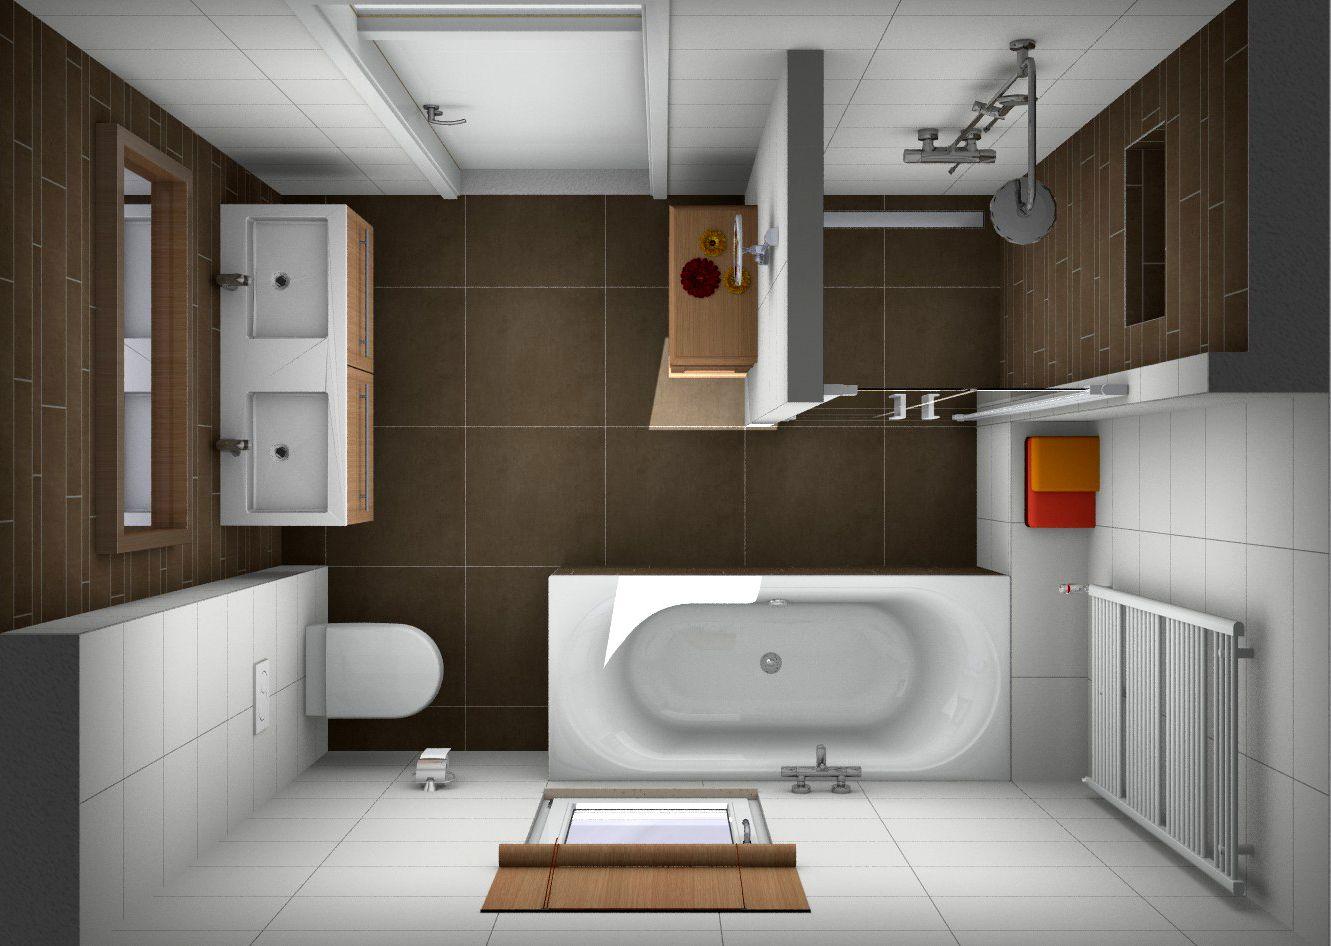 badkamer ontwerpen bij van wanrooij ook je eigen badkamer ontwerpen gebruik gratis ons ontwerpprogramma